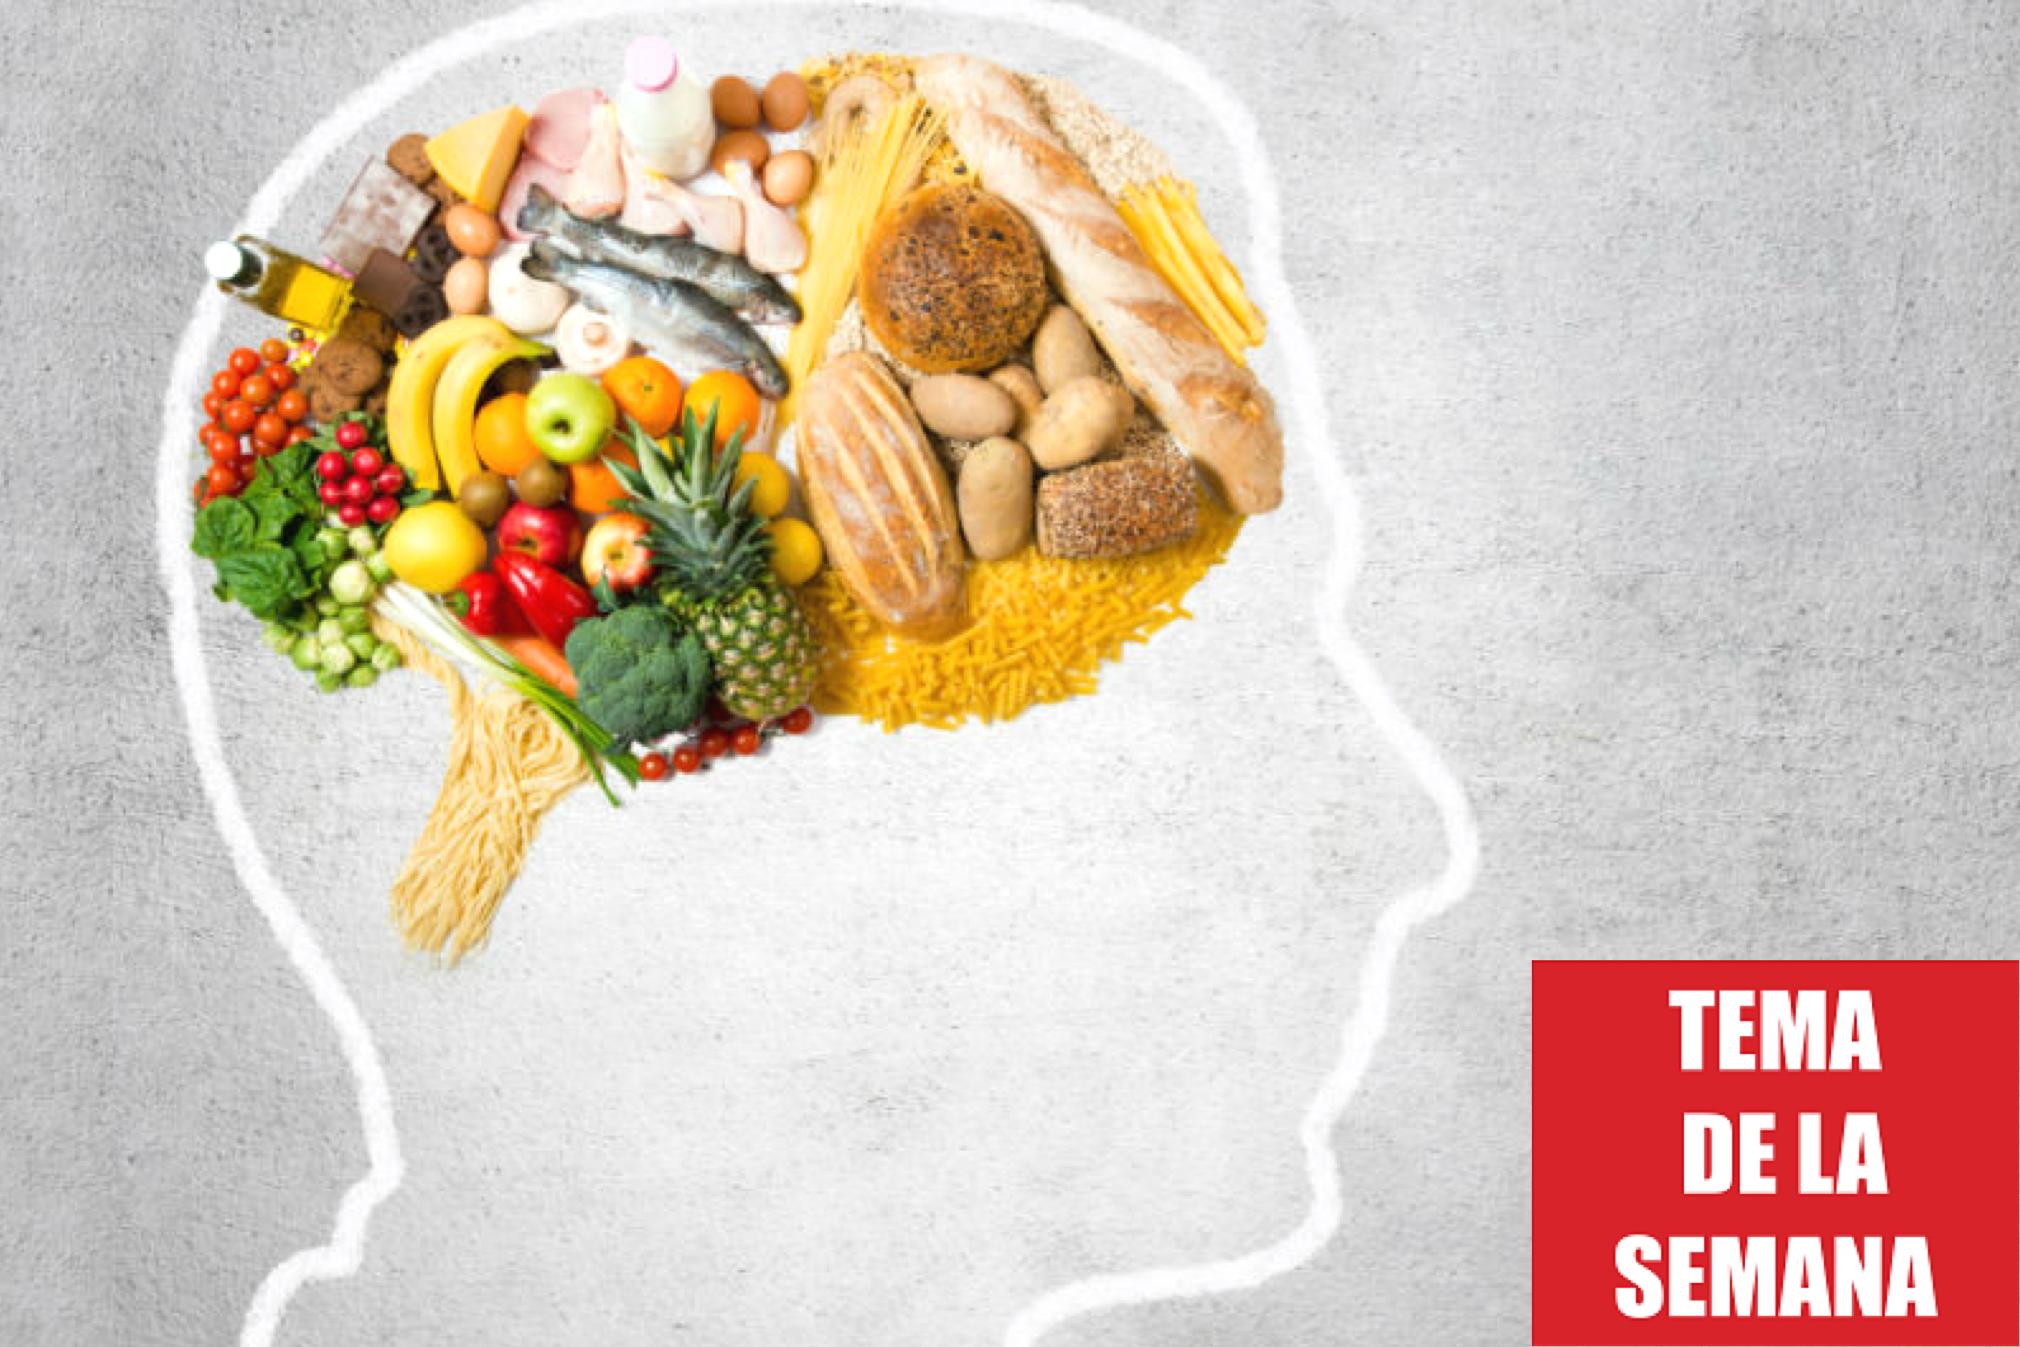 ¿Sabías que la buena alimentación y la salud mental están relacionadas?